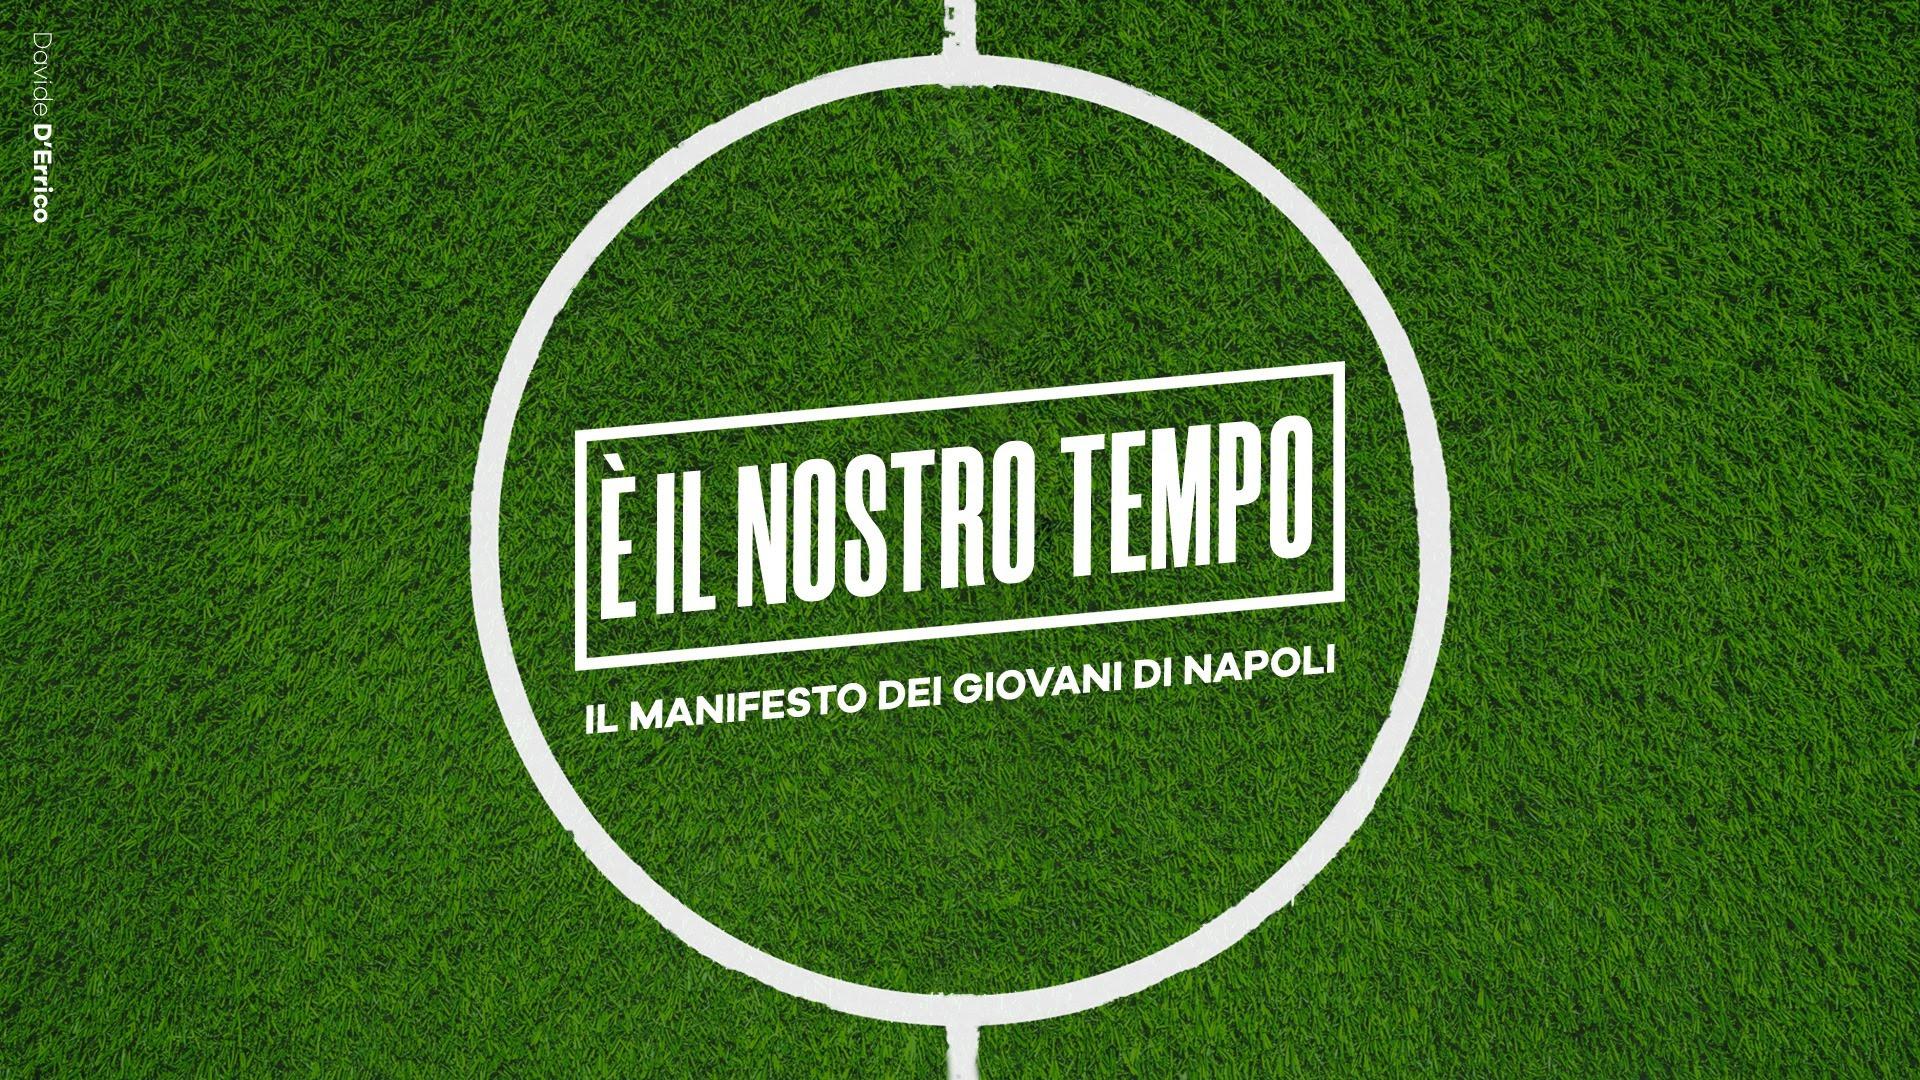 Manifesto dei Giovani di Napoli: sette proposte al Governatore De Luca